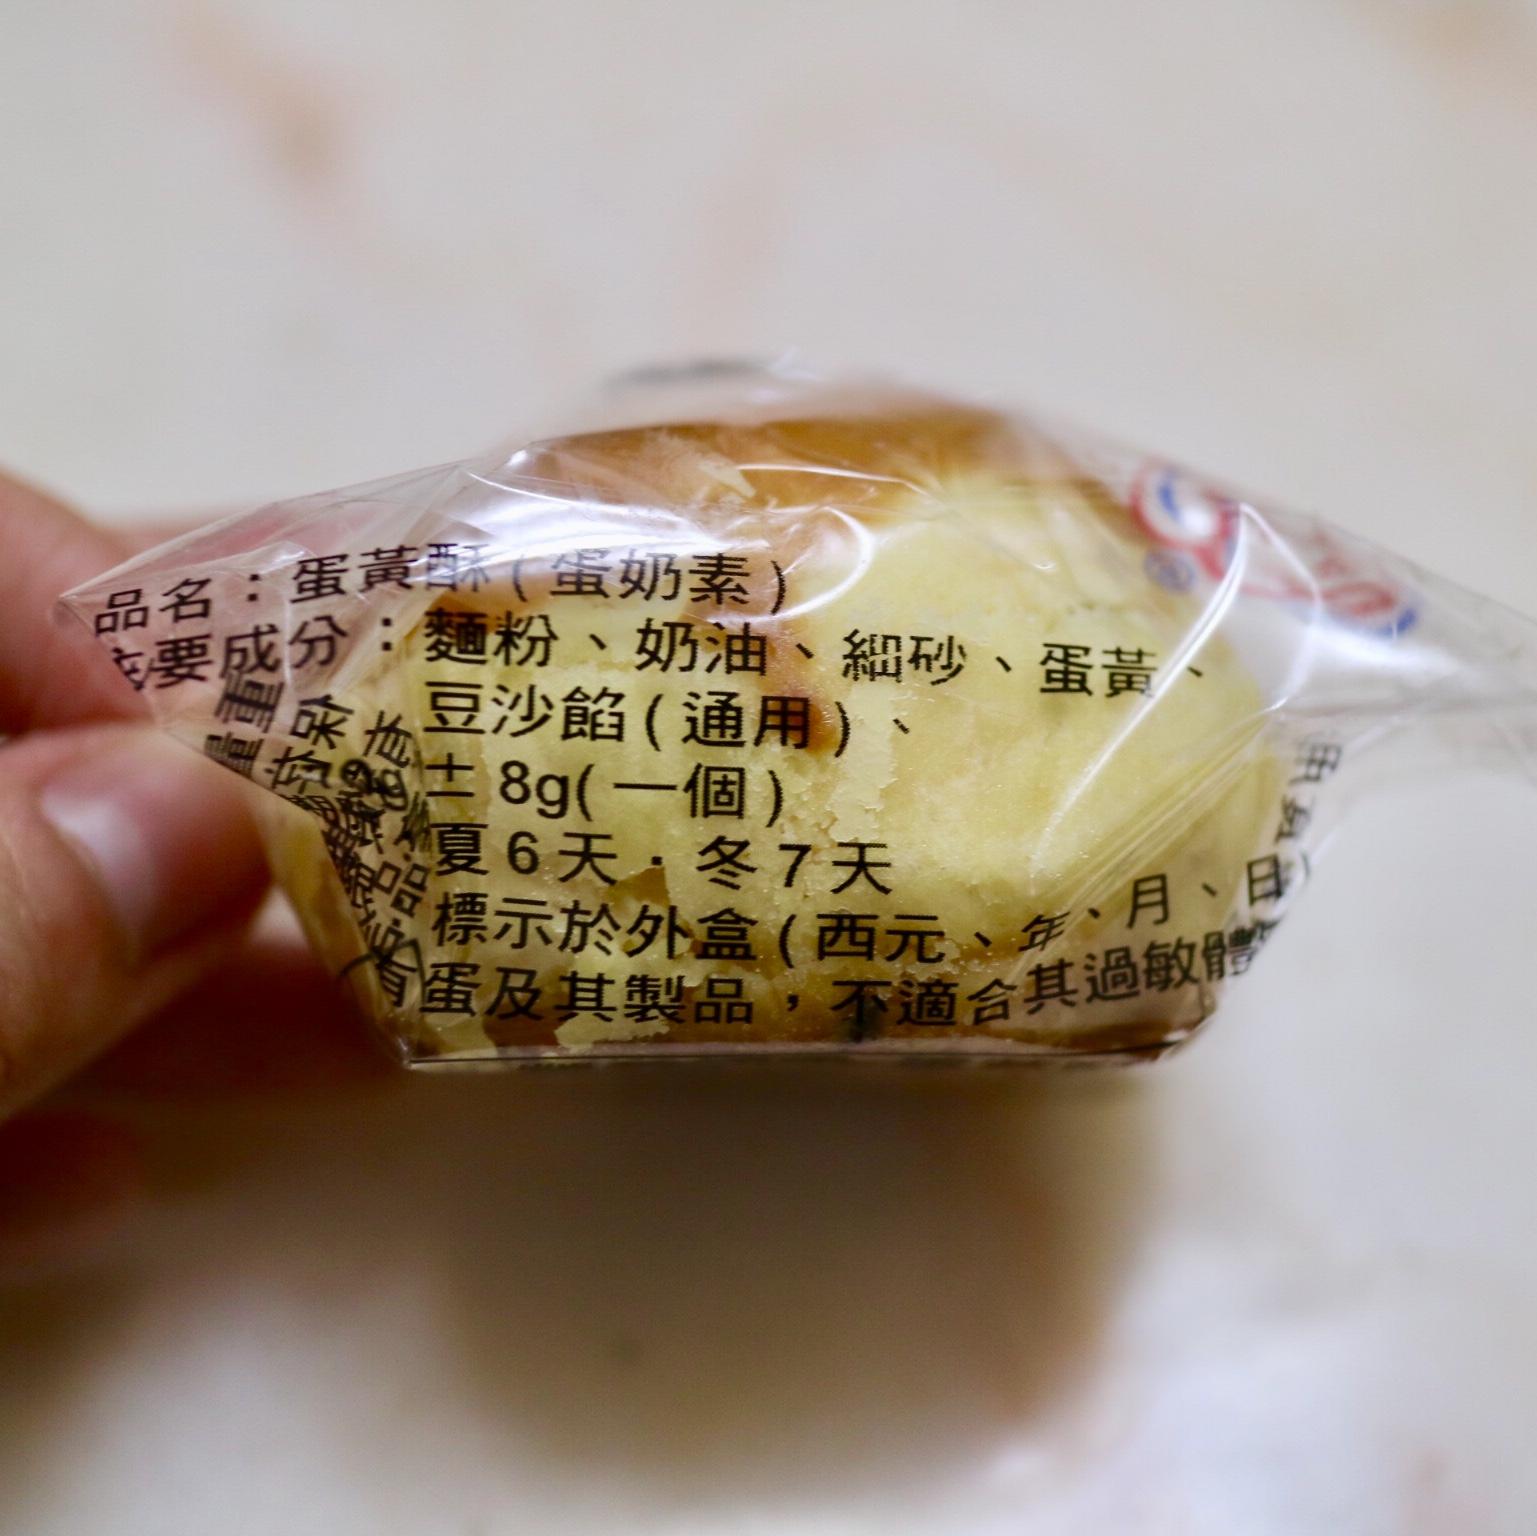 柯記蛋黃酥